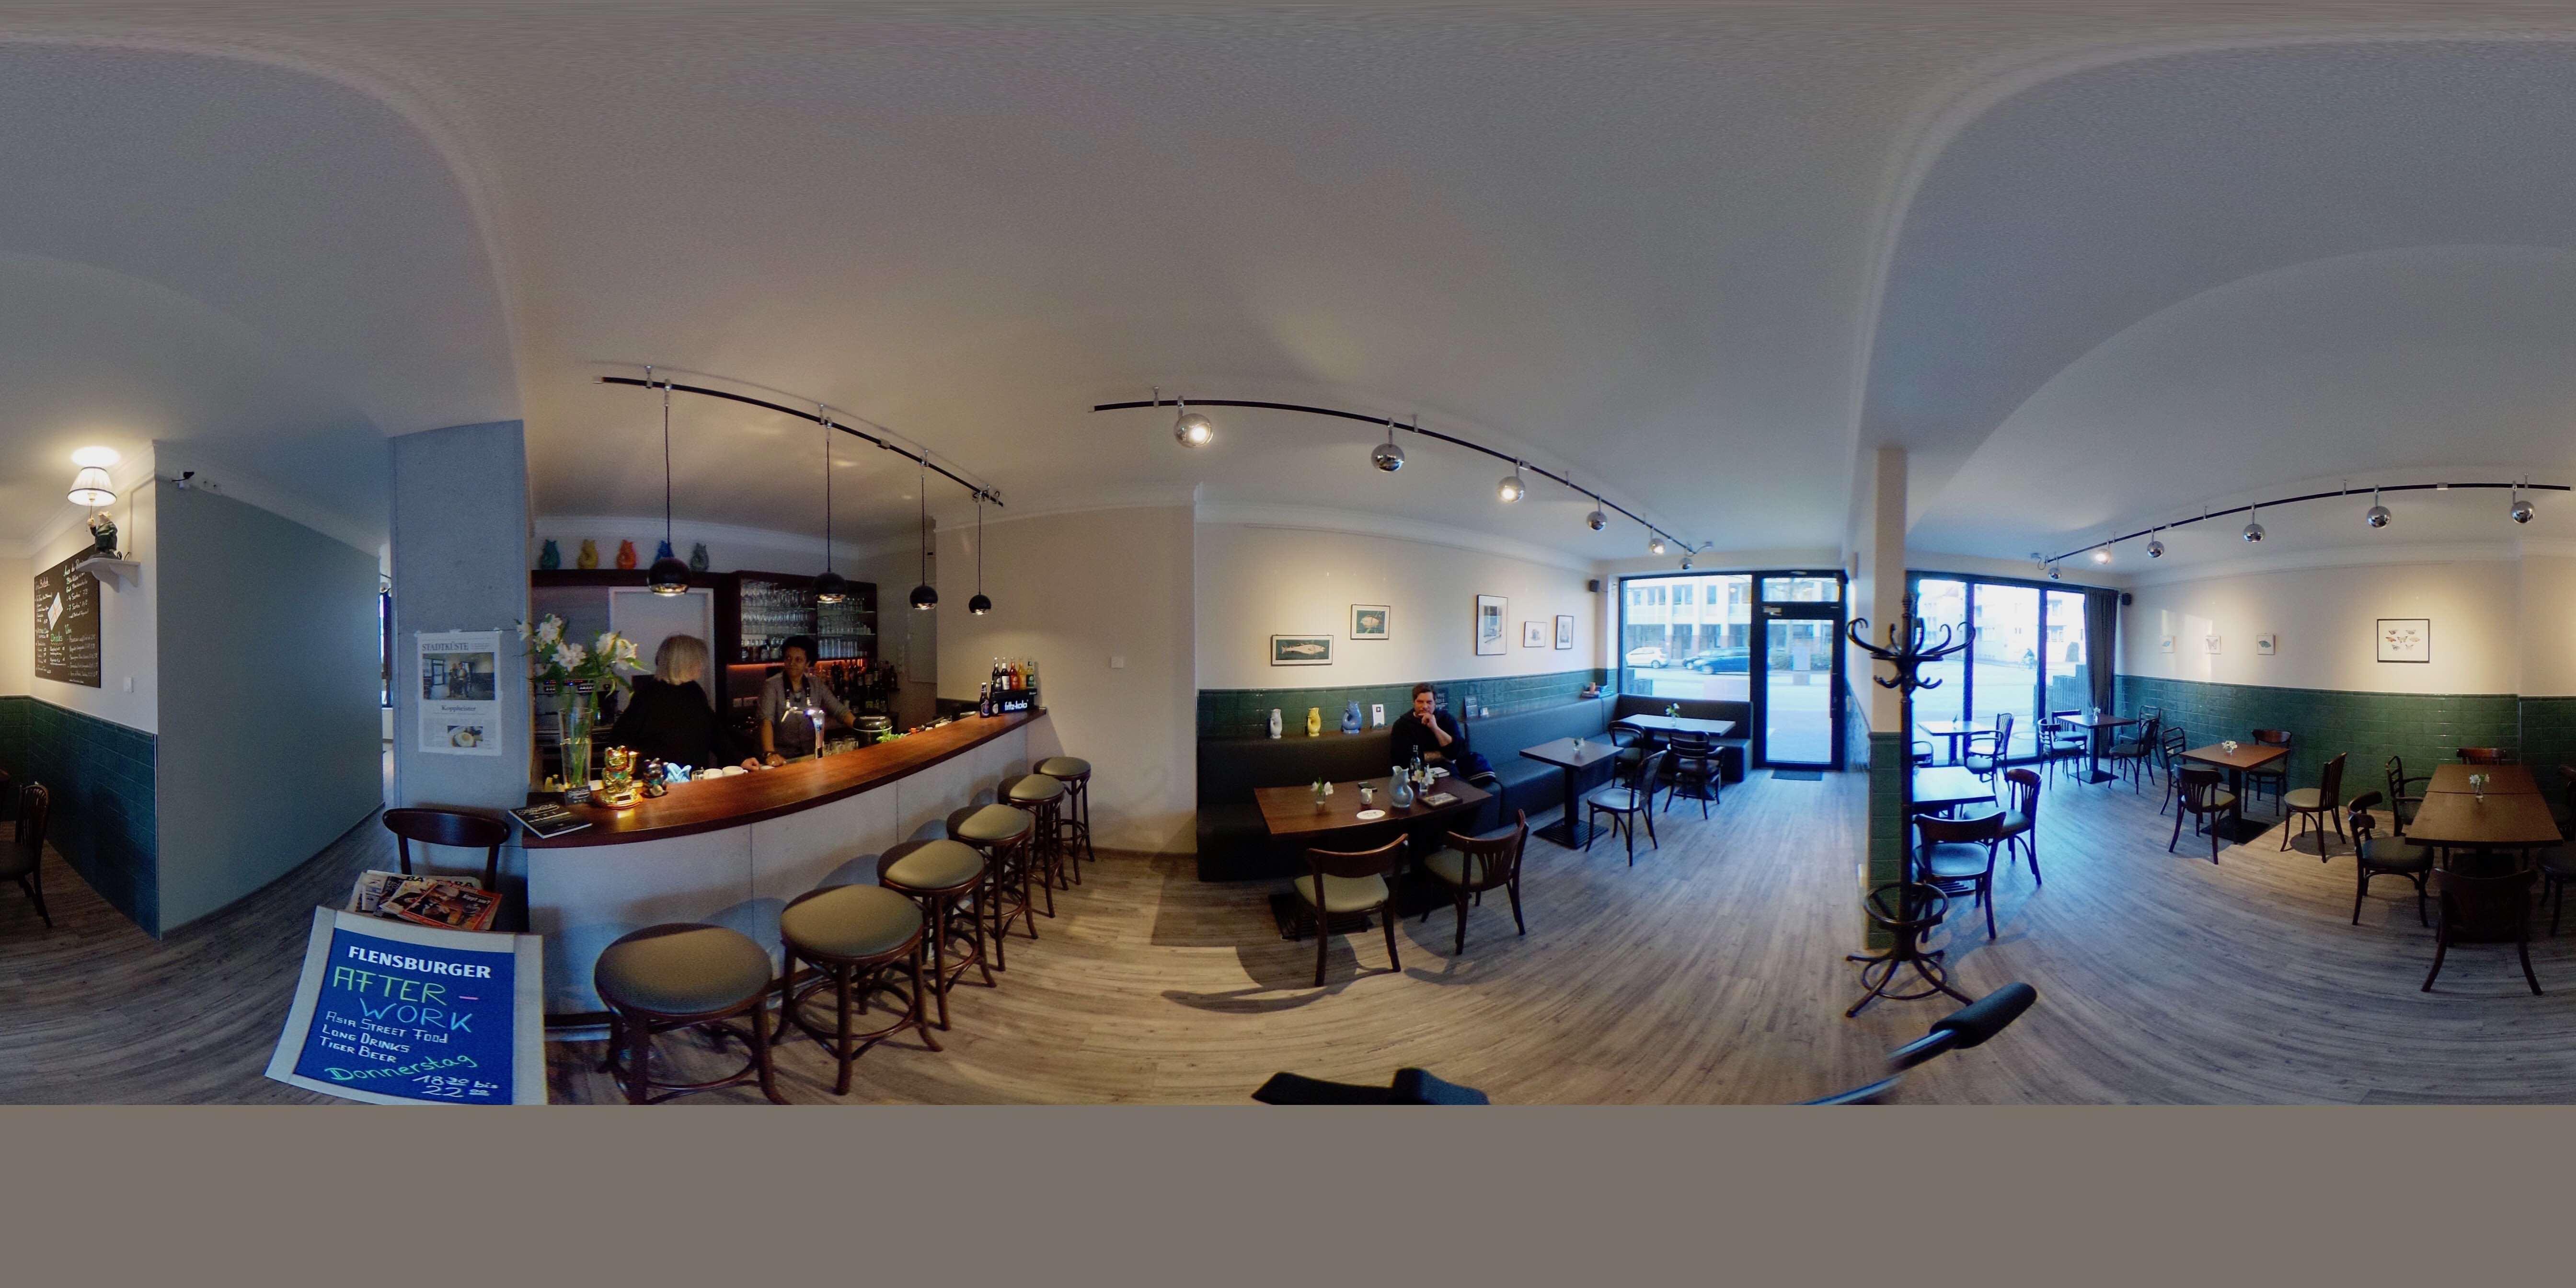 tipp cafe altona